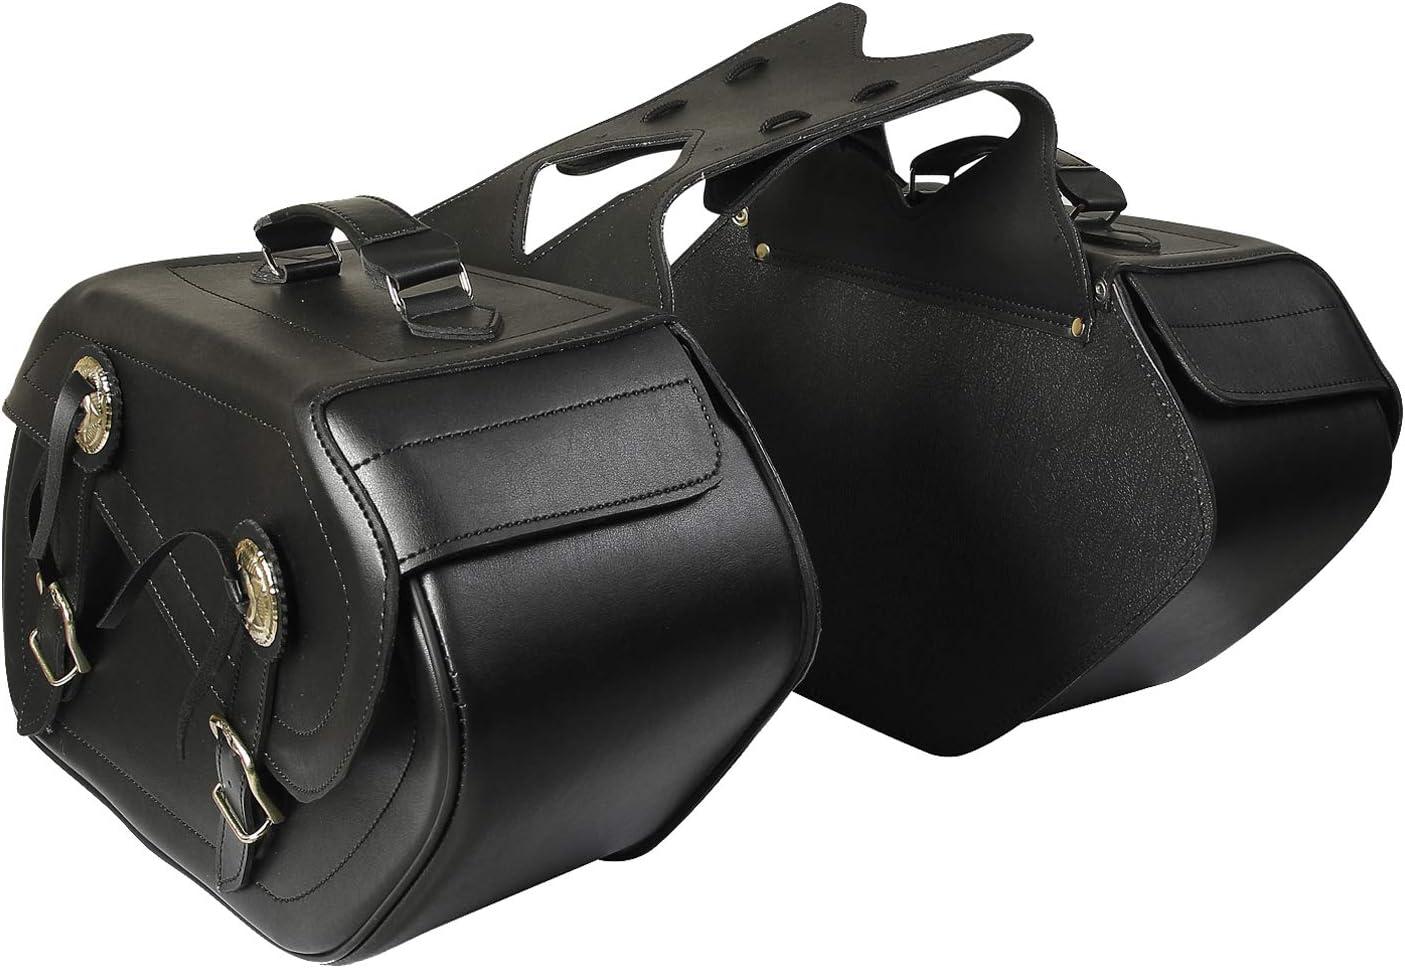 Motorrad Leder Satteltaschen 1 Paar Gepäcktaschen Satteltasche Chopper St 001 Auto